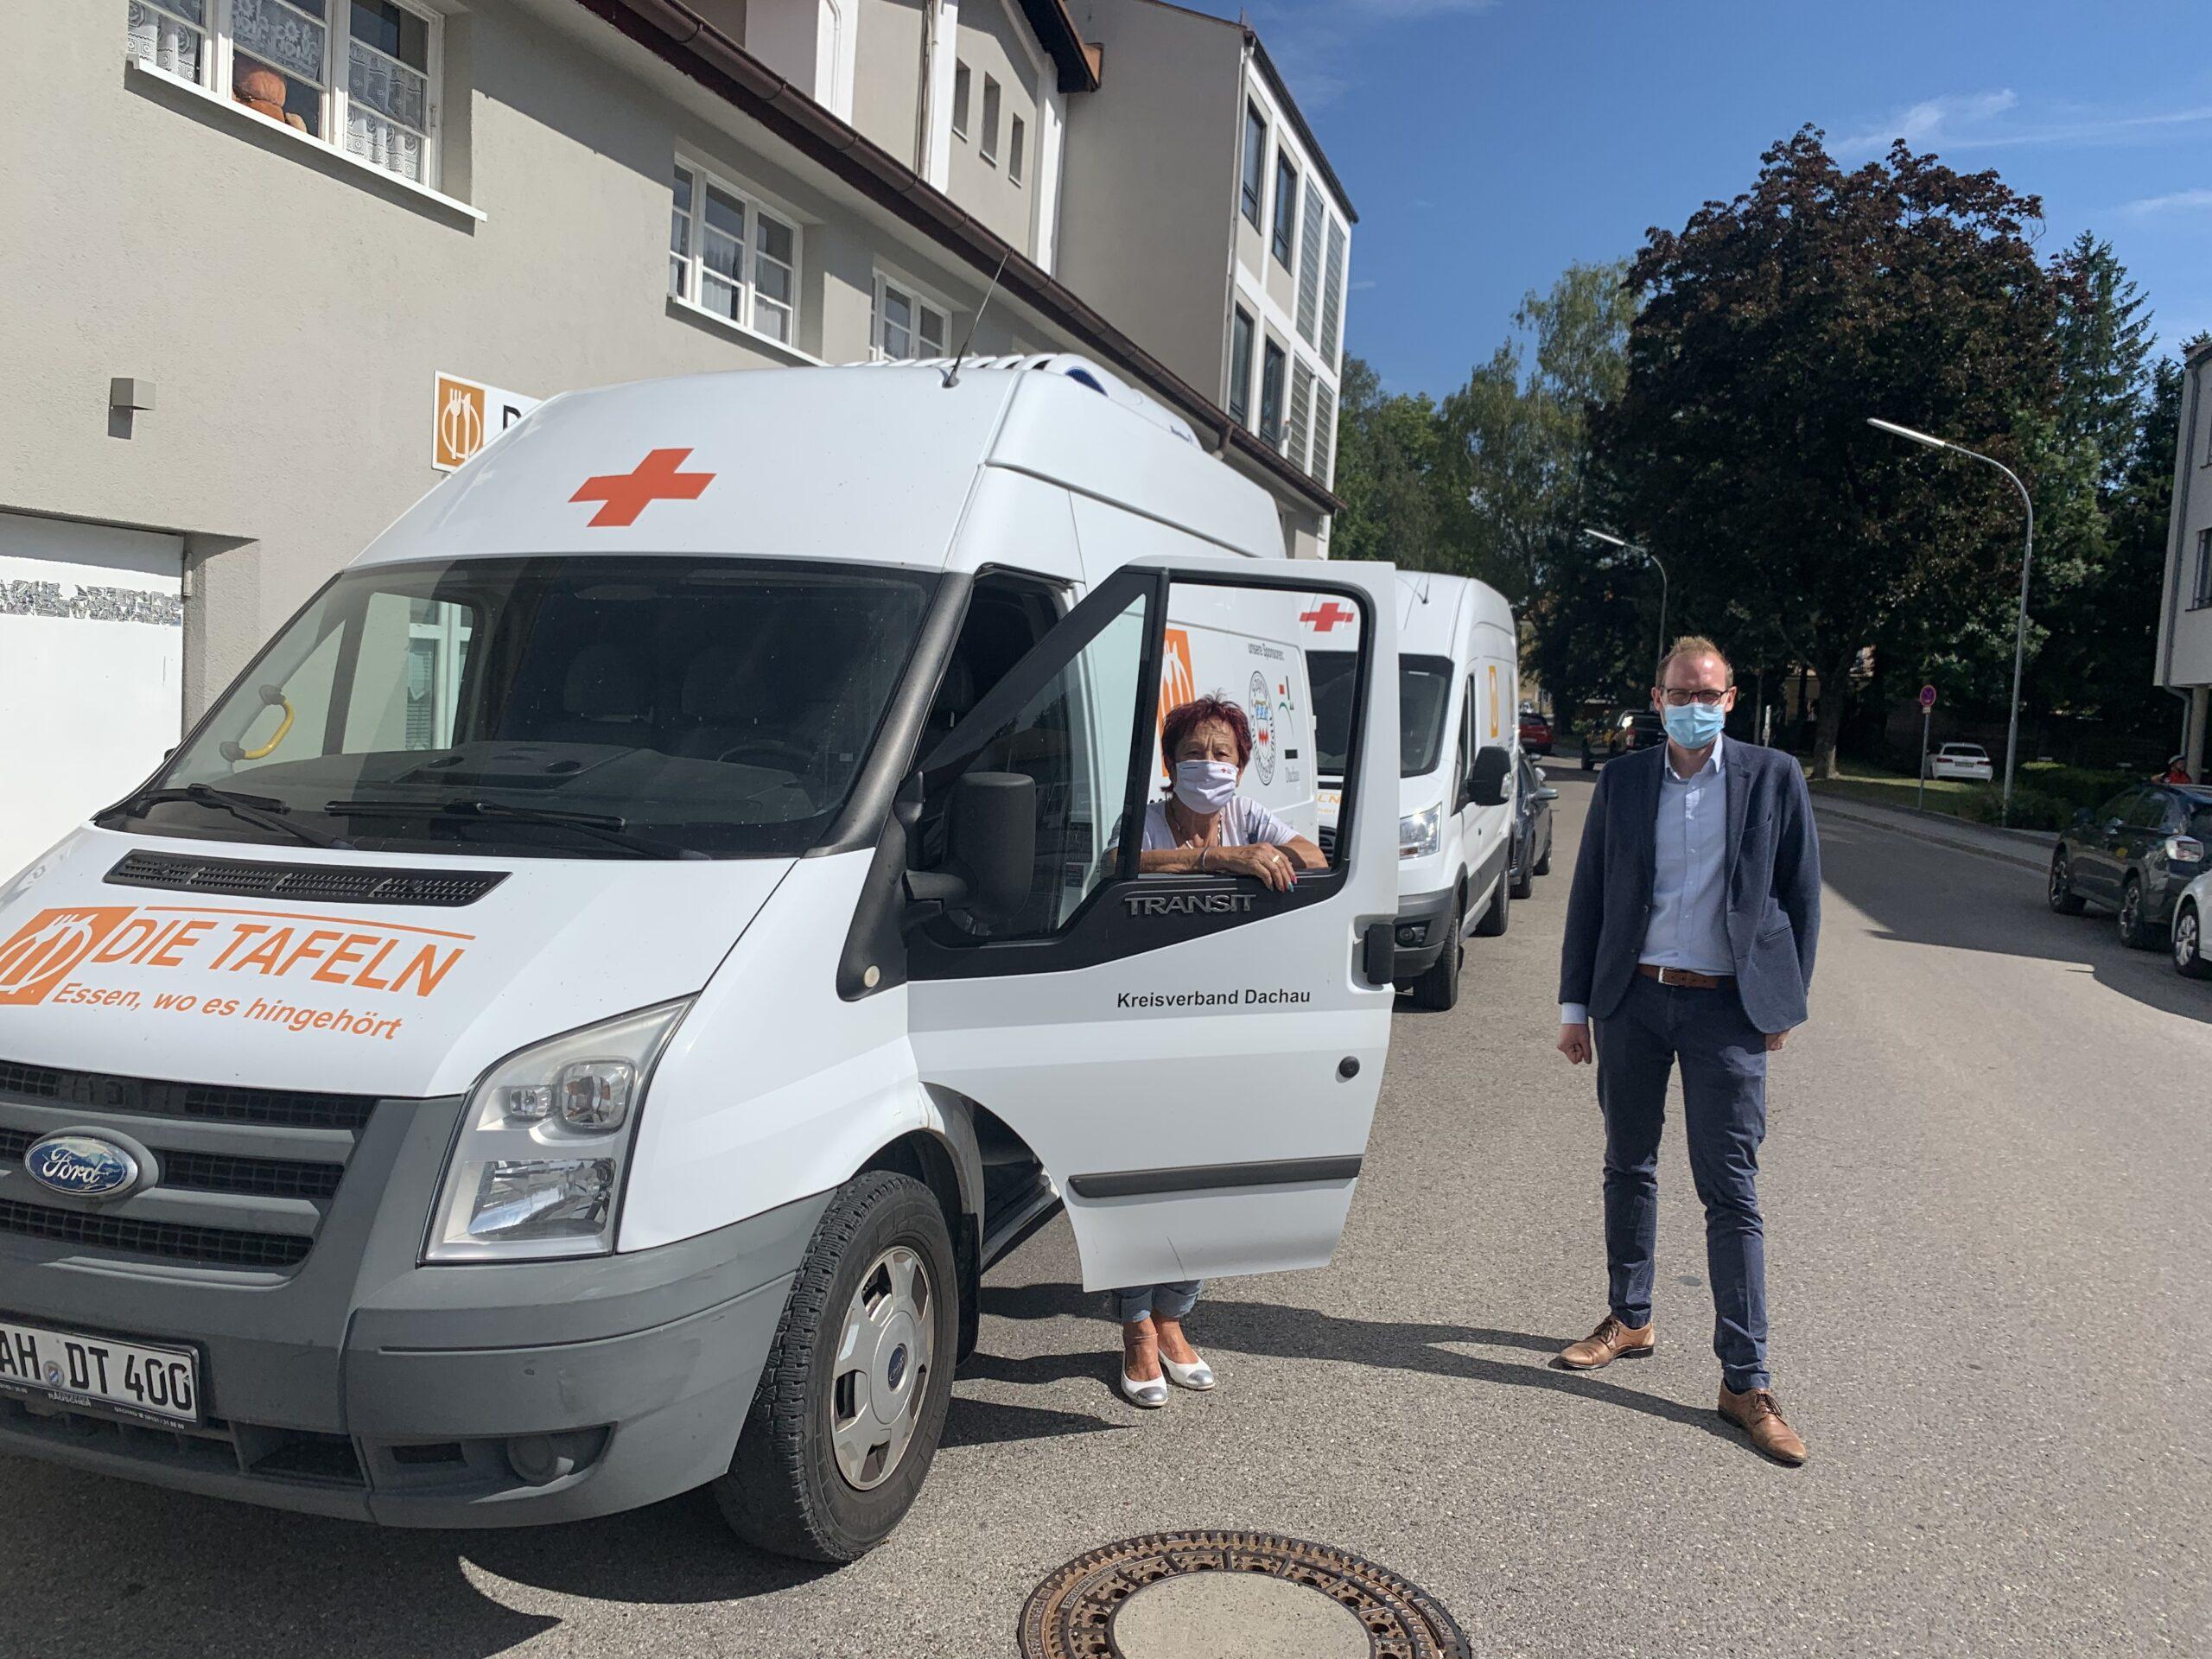 Foto: der Tafel-Transporter ist in die Jahre gekommen. Edda Drittenpreis und rechts Nicolá Schuster, beim BRK Dachau verantwortlich für Corporate Responsibility.